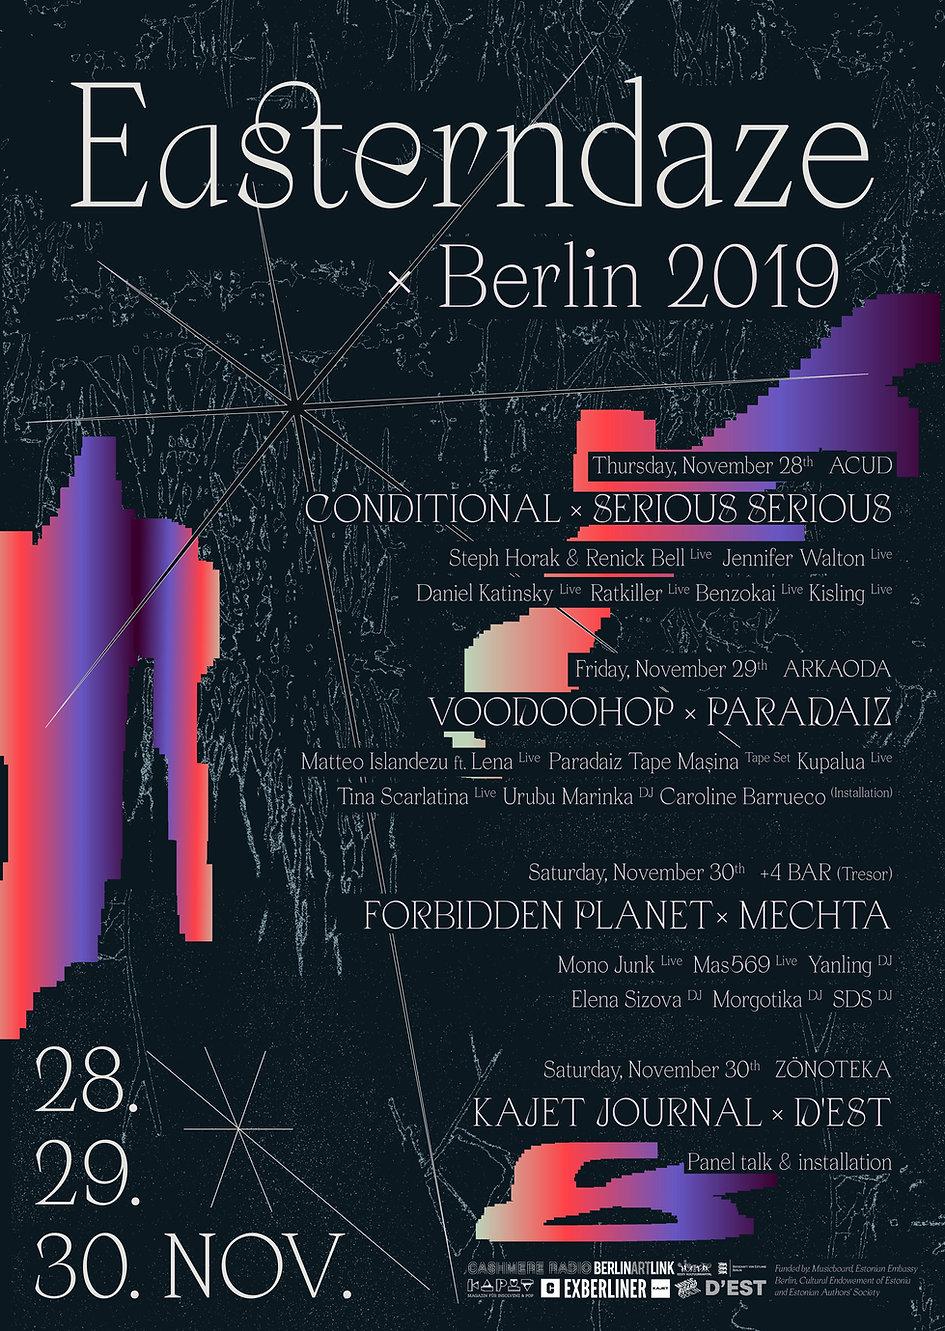 Easterndaze 2019 Poster A2.jpg